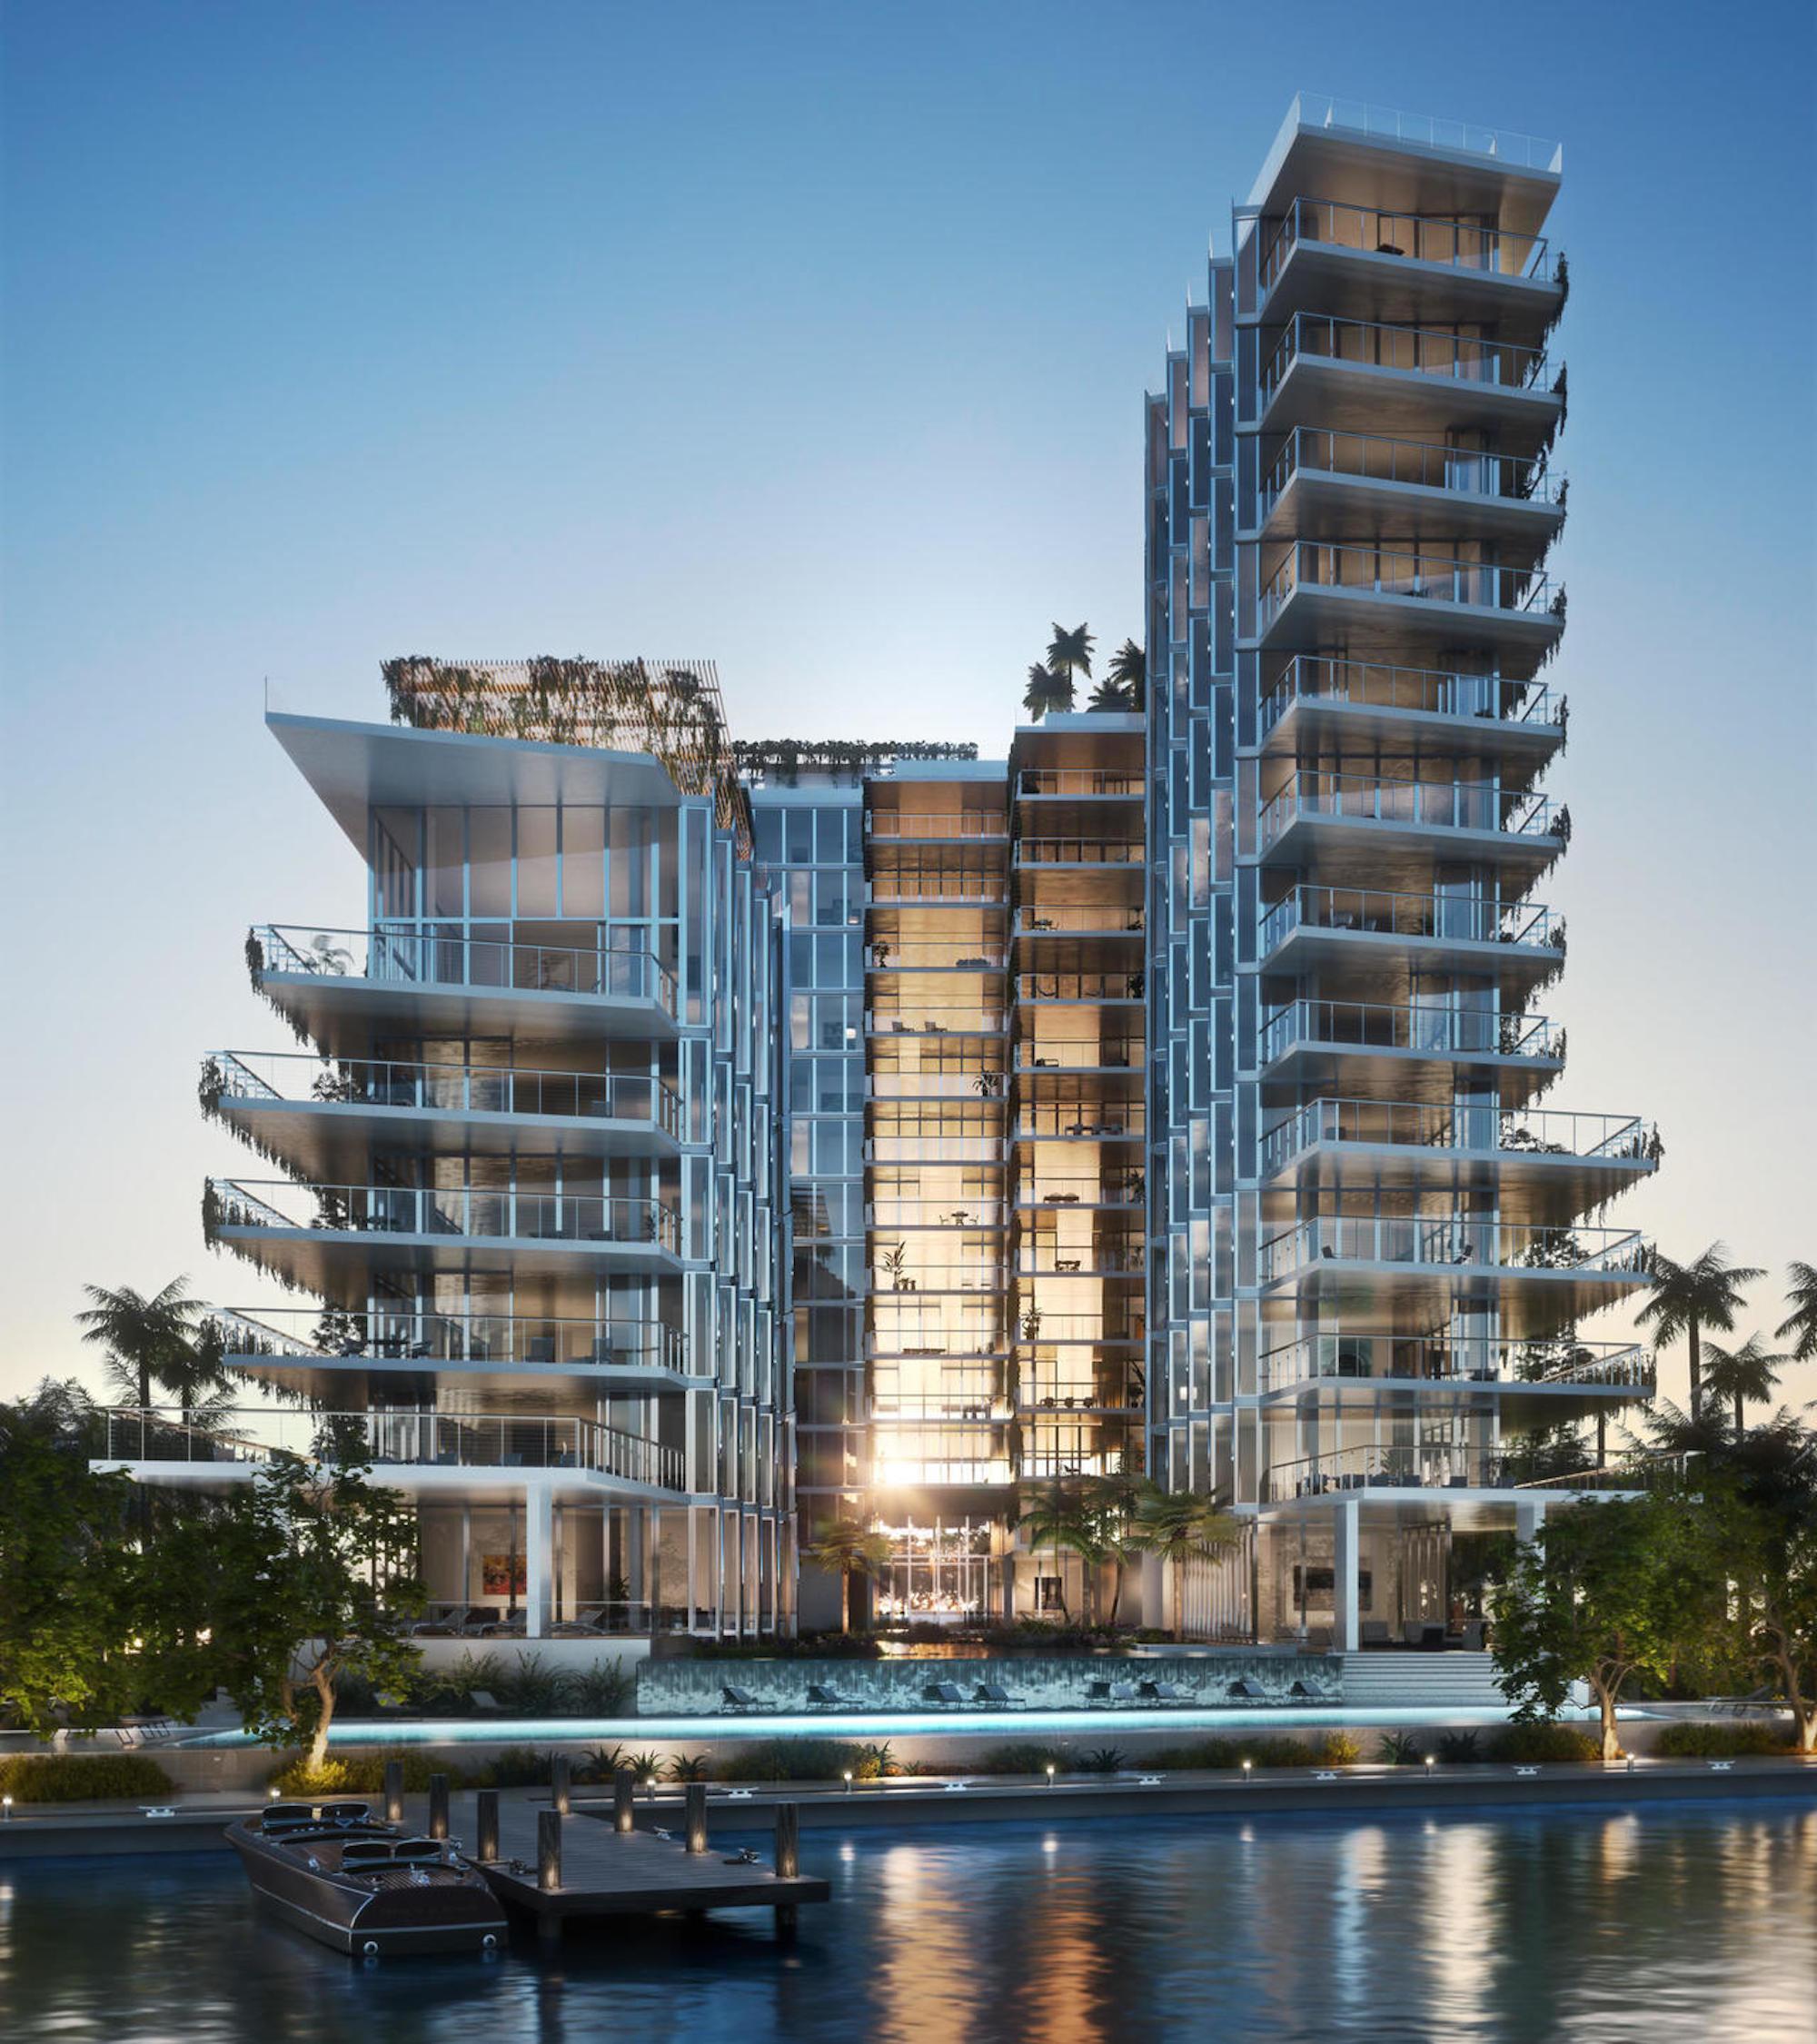 skyview image of Monad Terrace